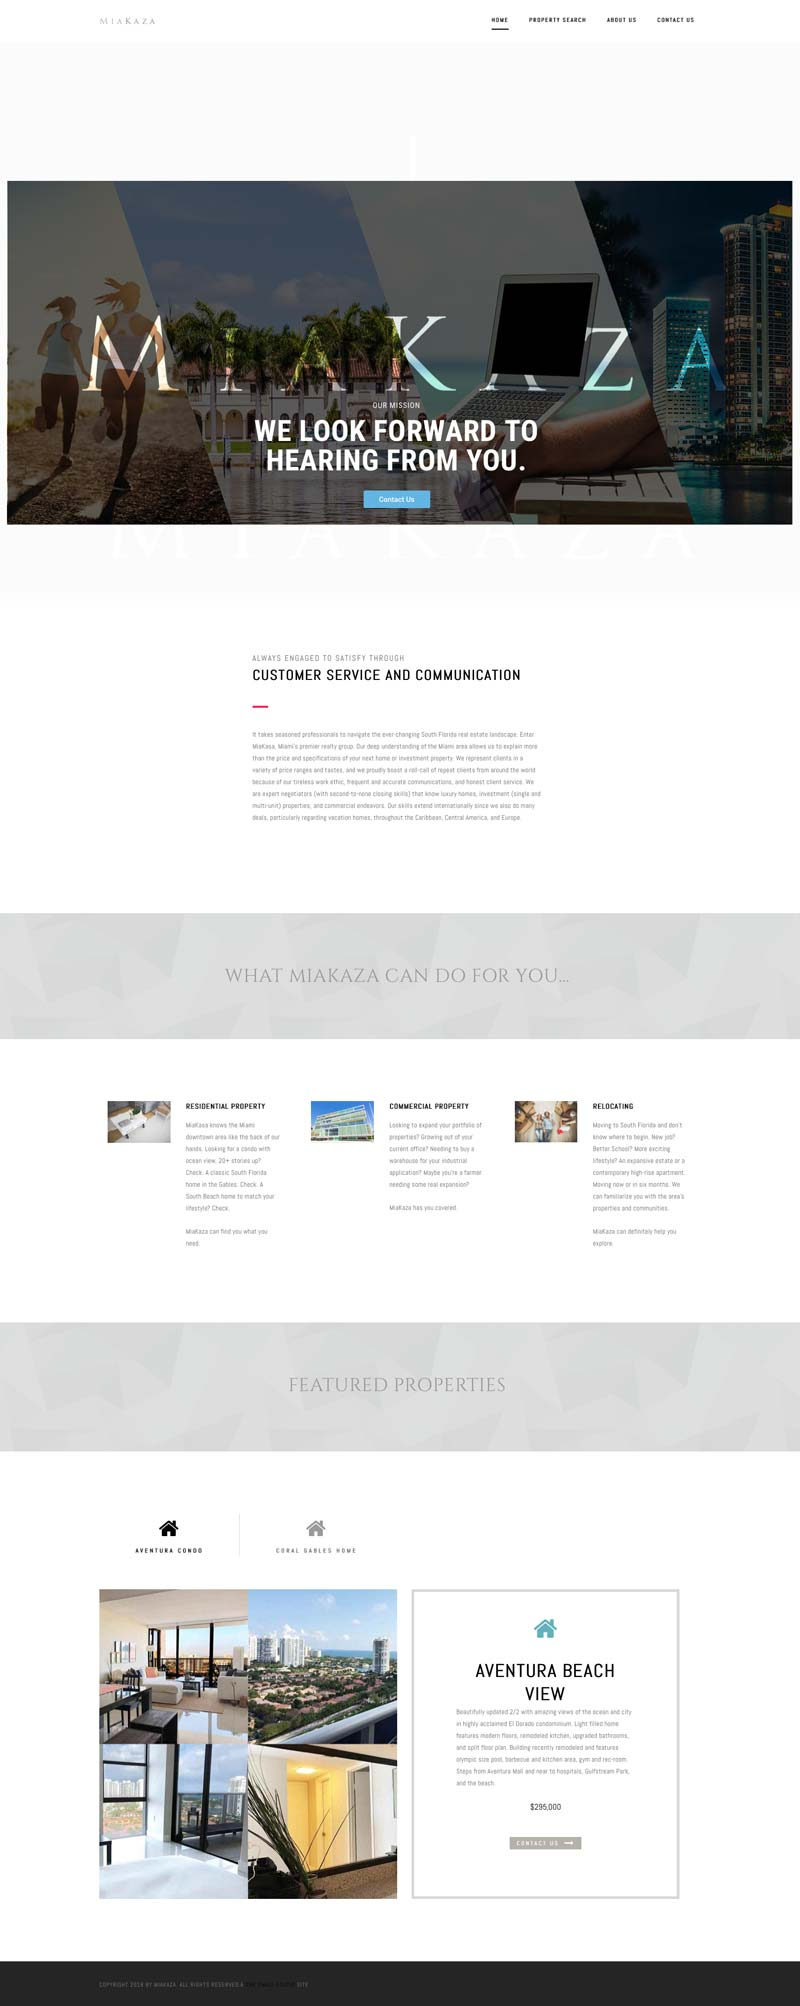 Realtor team website and brand design for MiaKaza. Home page.